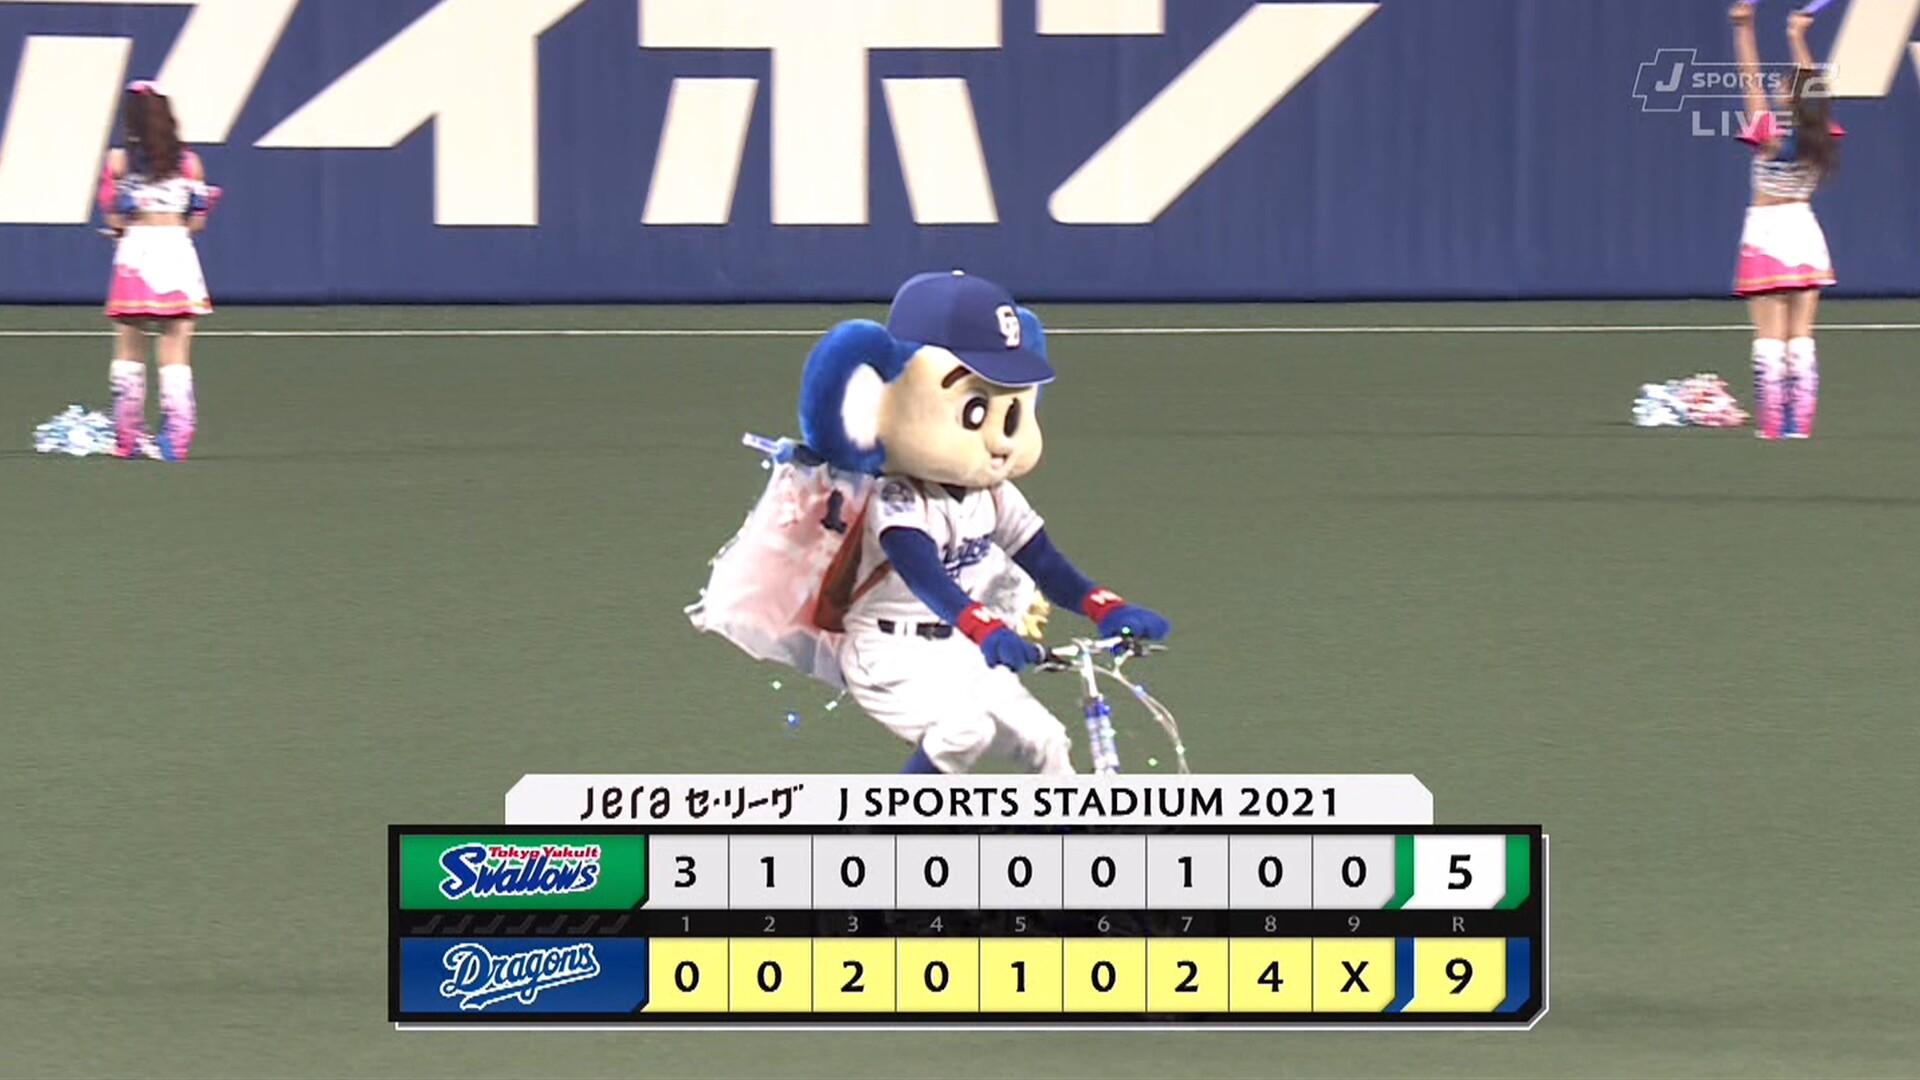 ここ最近の中日ドラゴンズさんの得点 7→4→5→10→5→9